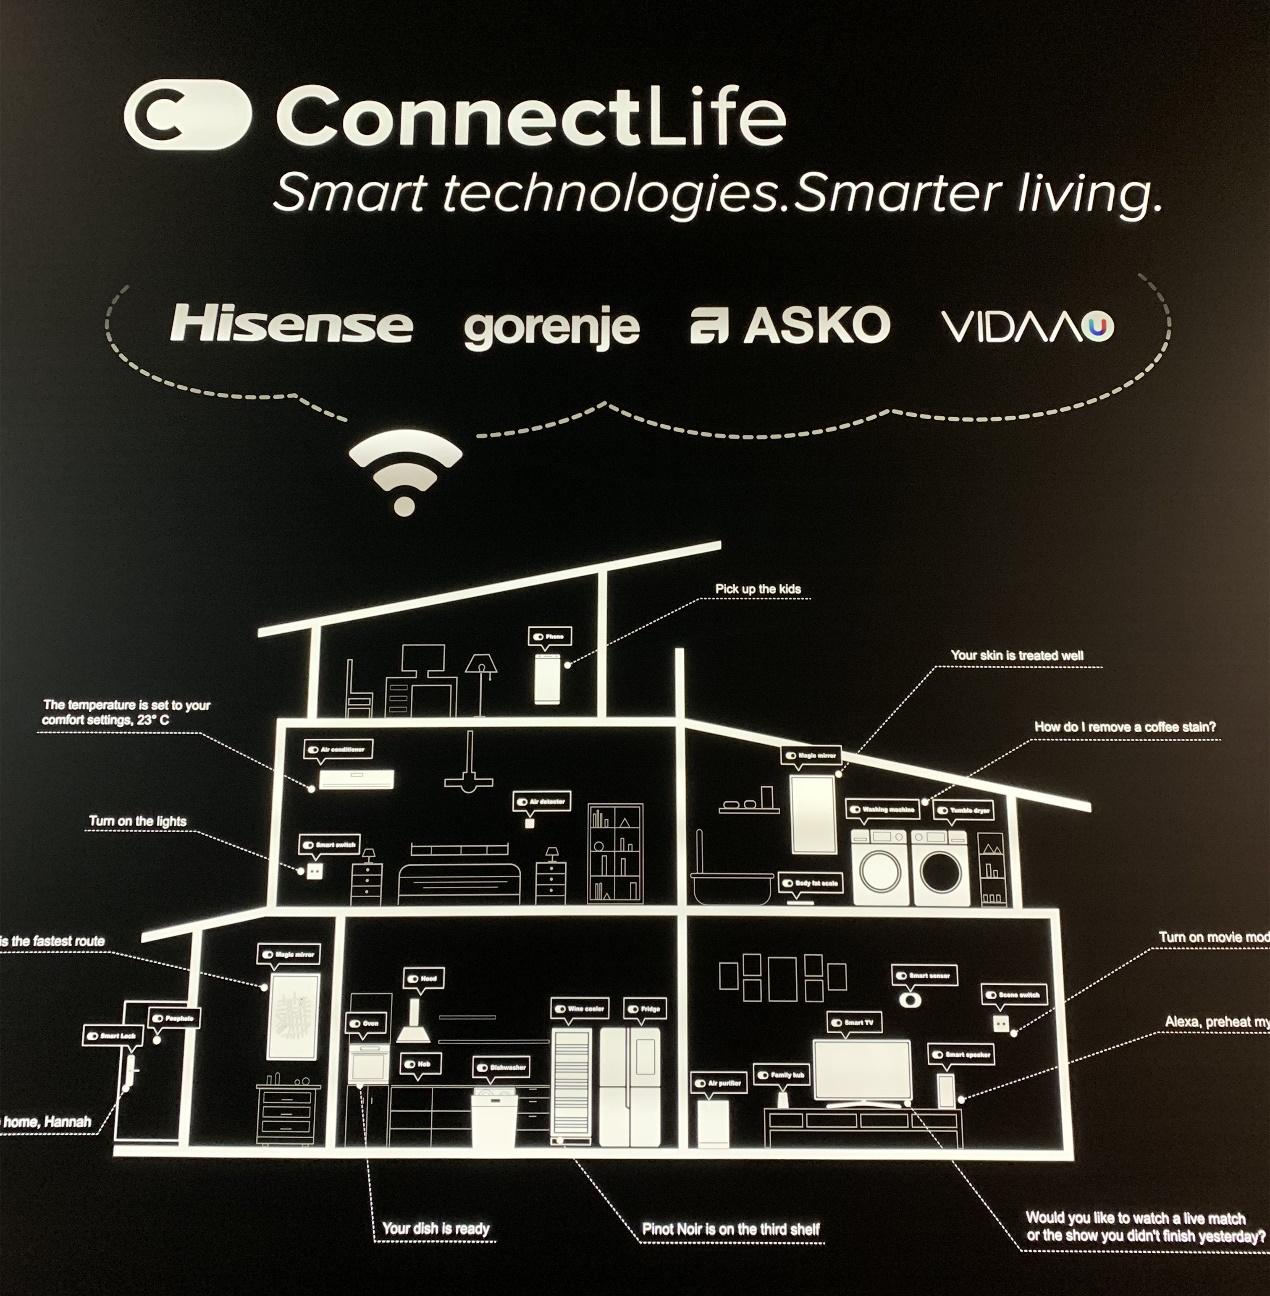 打通旗下三大品牌,海信智慧家居ConnectLife平台惊艳IFA2019-视听圈